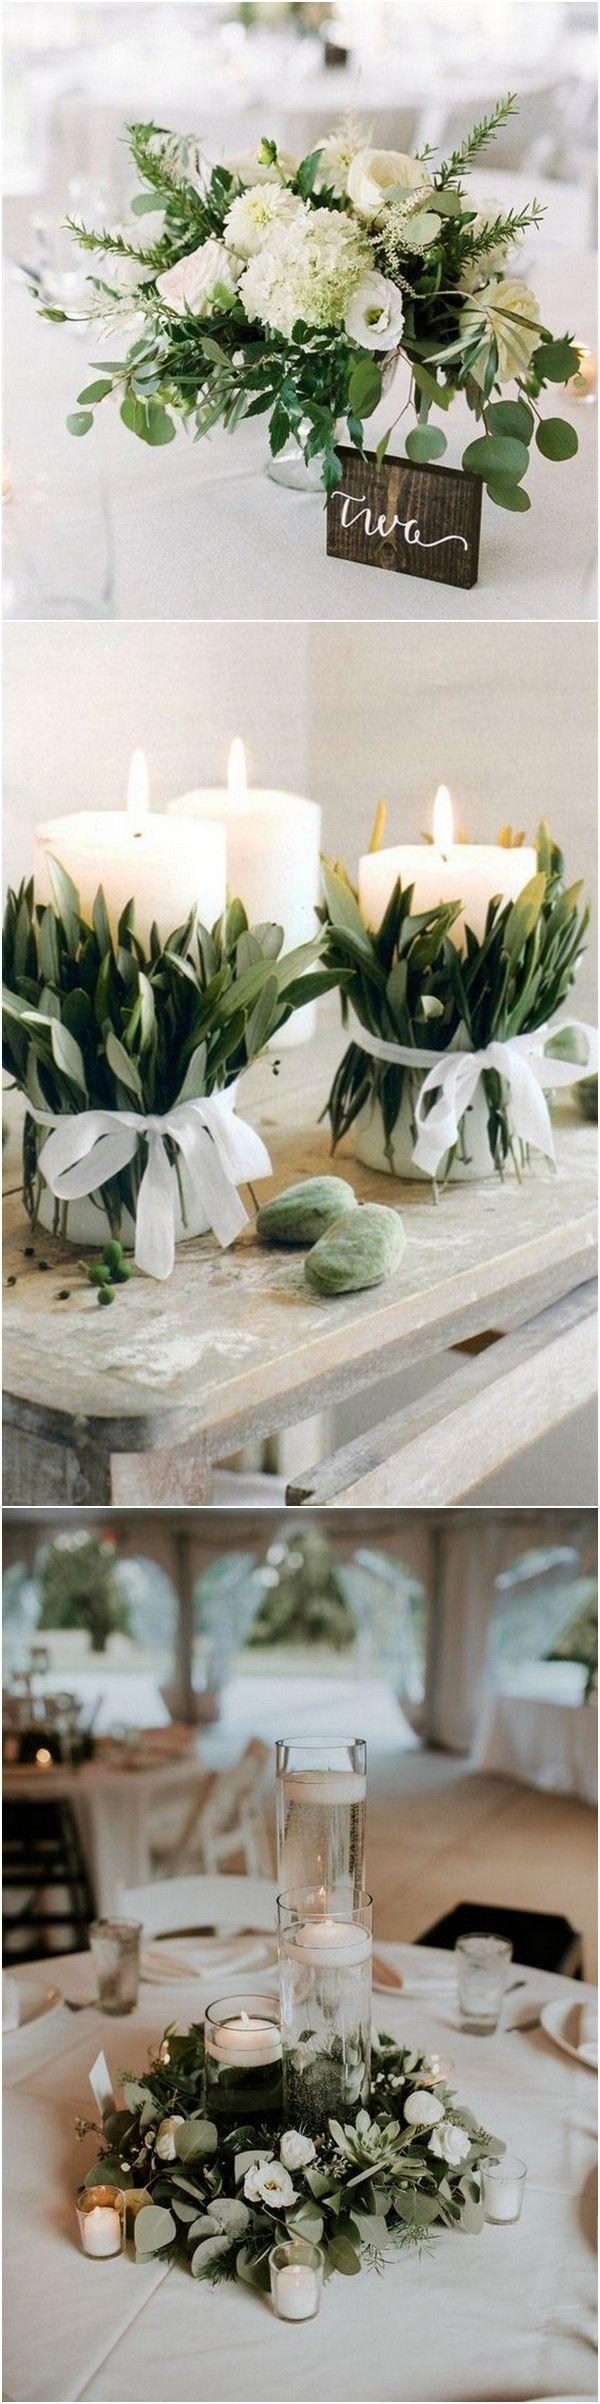 Sieht das nicht zauberhaft aus? Die Blockkerzen mit den Olivenzweigen? Eine so effektvolle und schöne Idee.